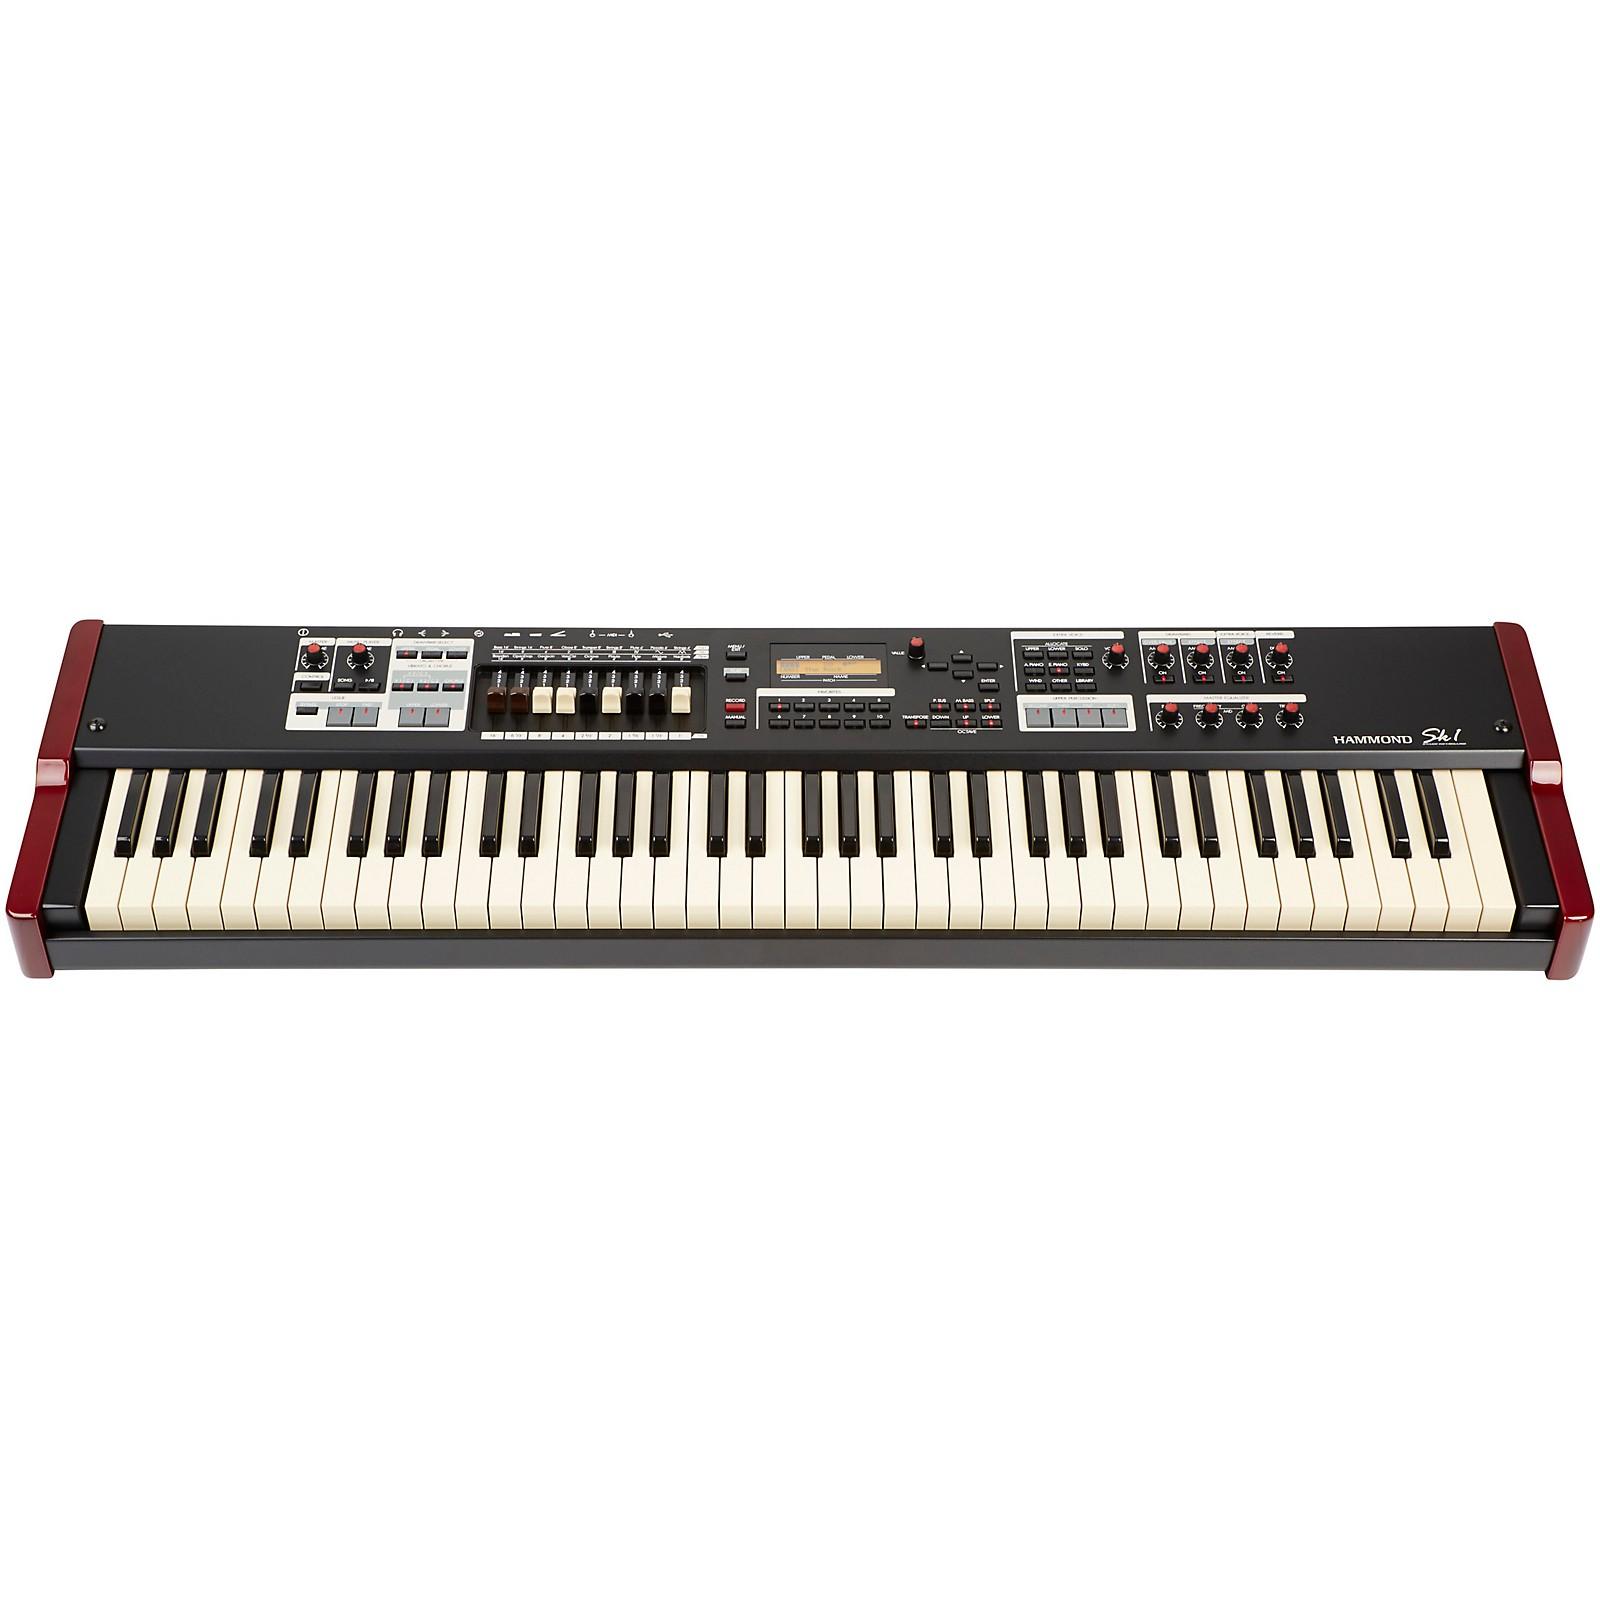 Hammond Sk1-73 73-Key Digital Stage Keyboard and Organ